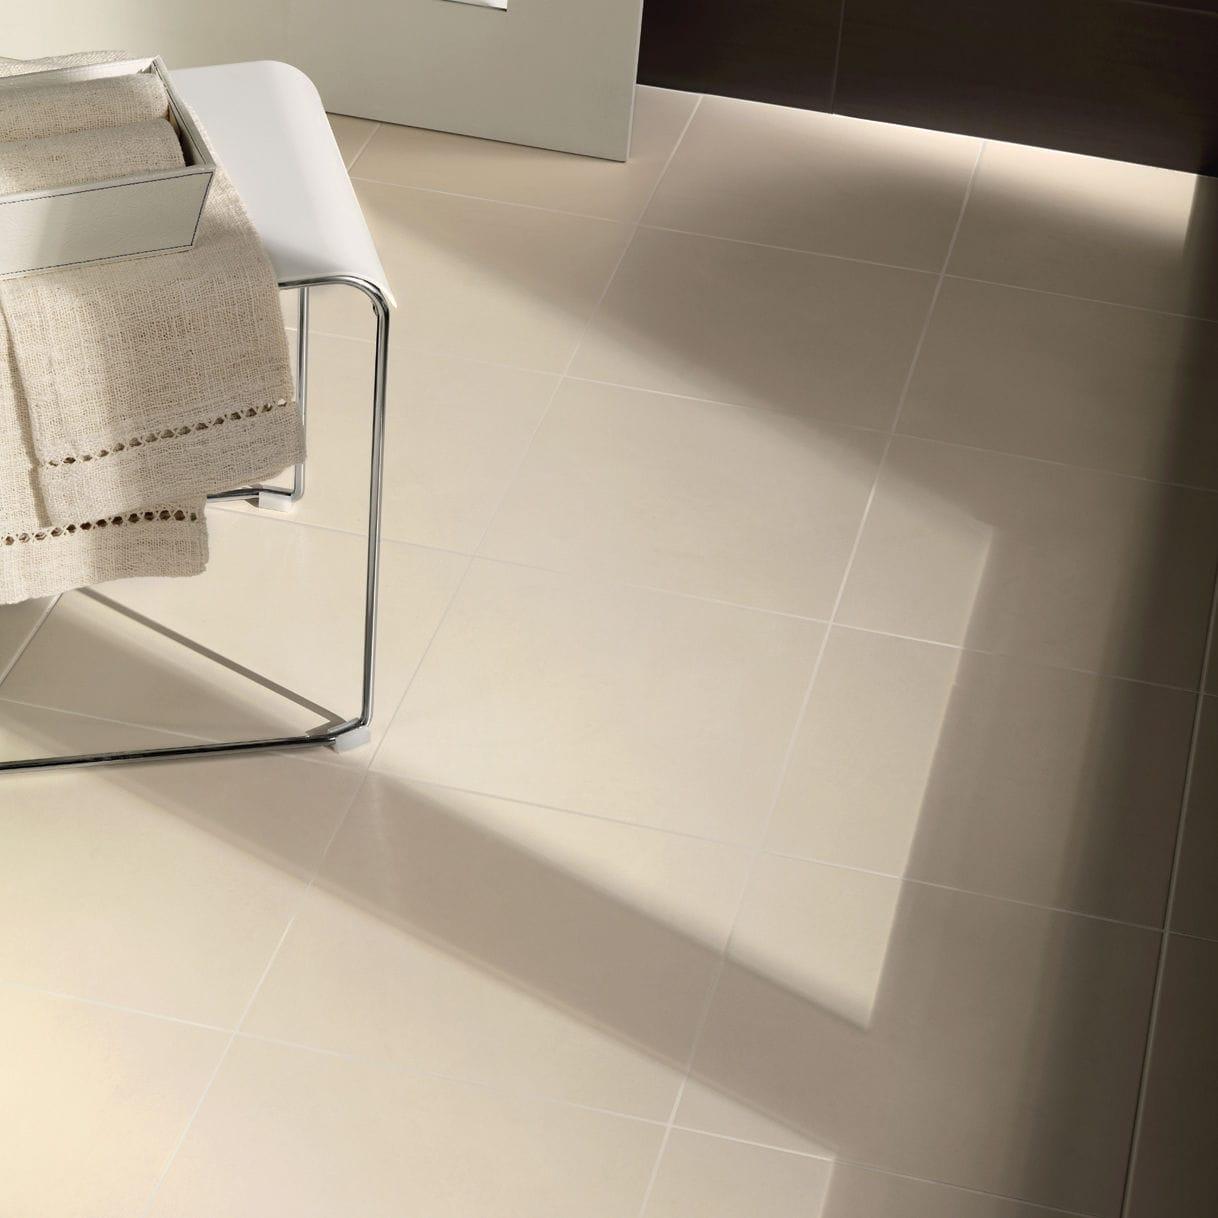 Piastrella da bagno / da sala / da cucina / da pavimento - OPEN - Ragno